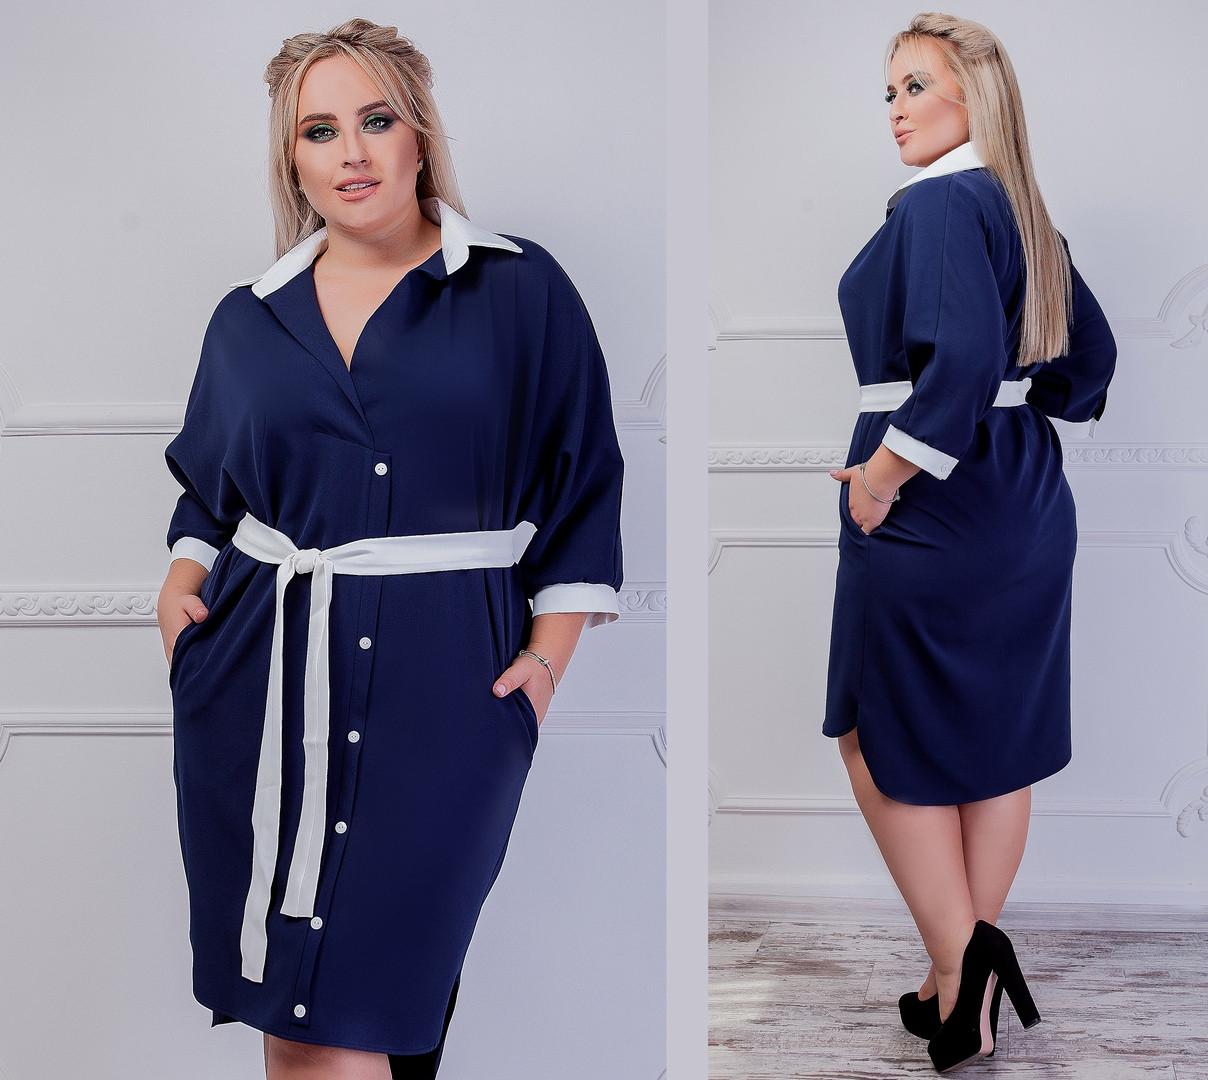 87c748a36ac2 Платье рубашка больших размеров от 46 до 64 , с удлиненной спинкой, в  комплекте пояс